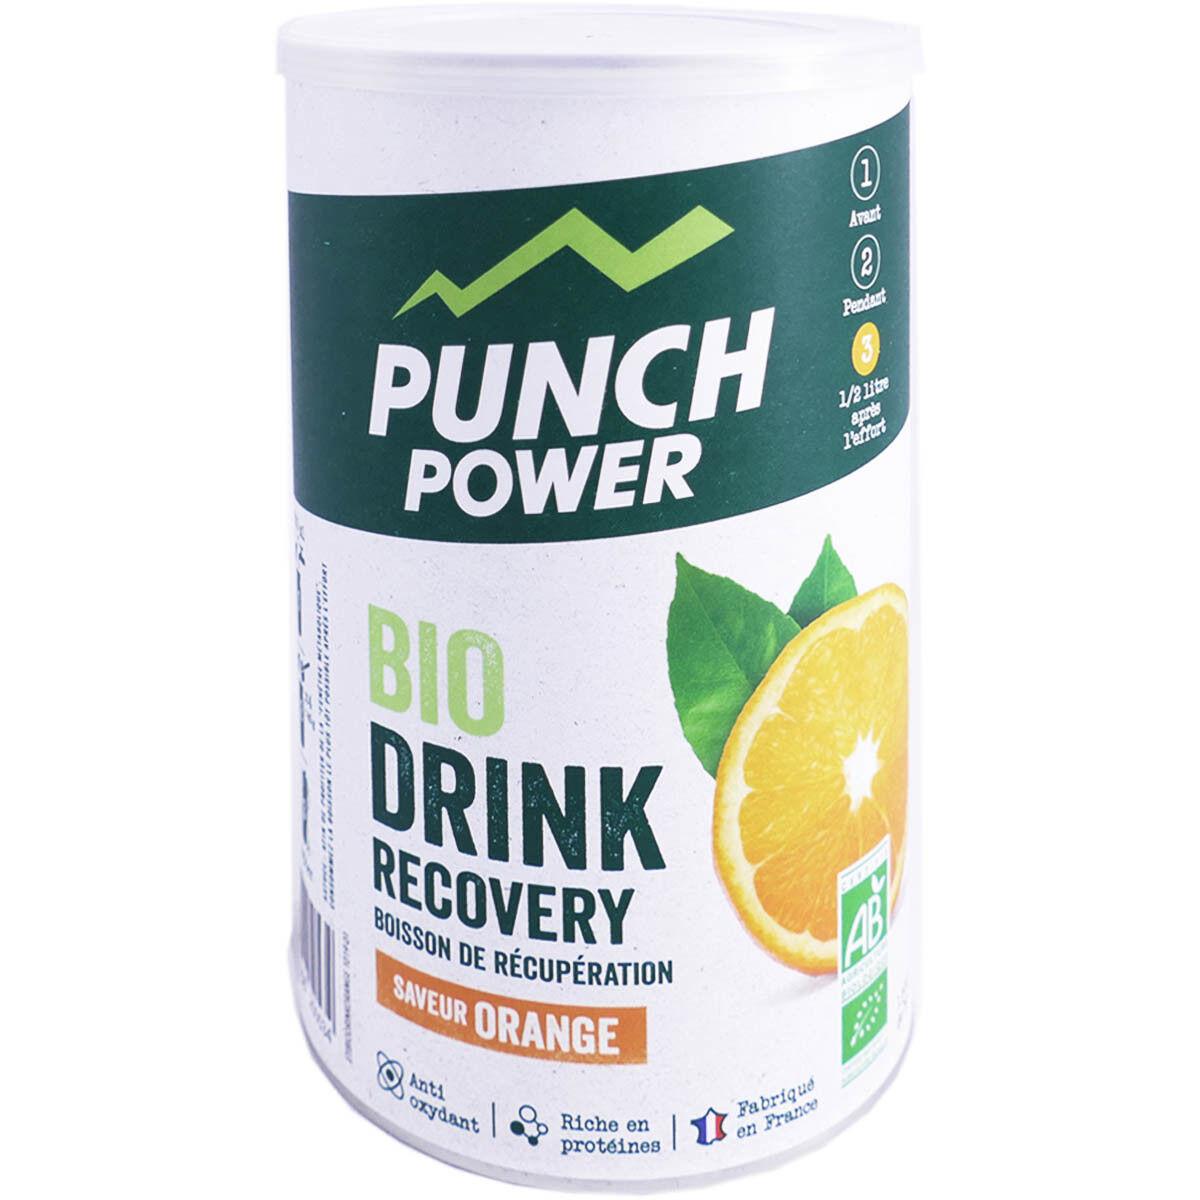 DIVERS Punch power bio boisson de recuperation saveur orange 400g